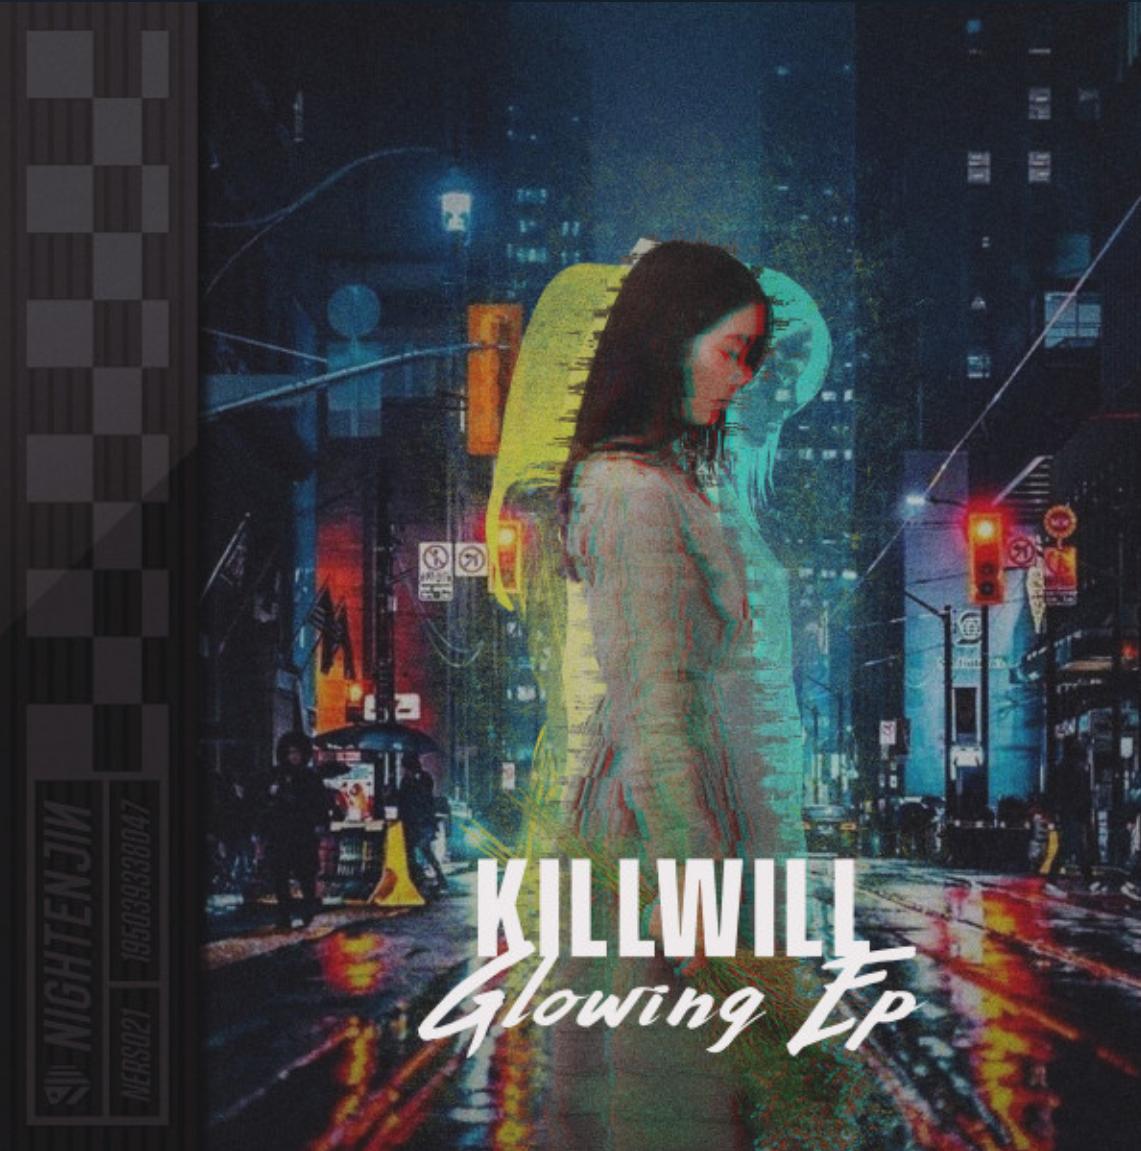 KillWill